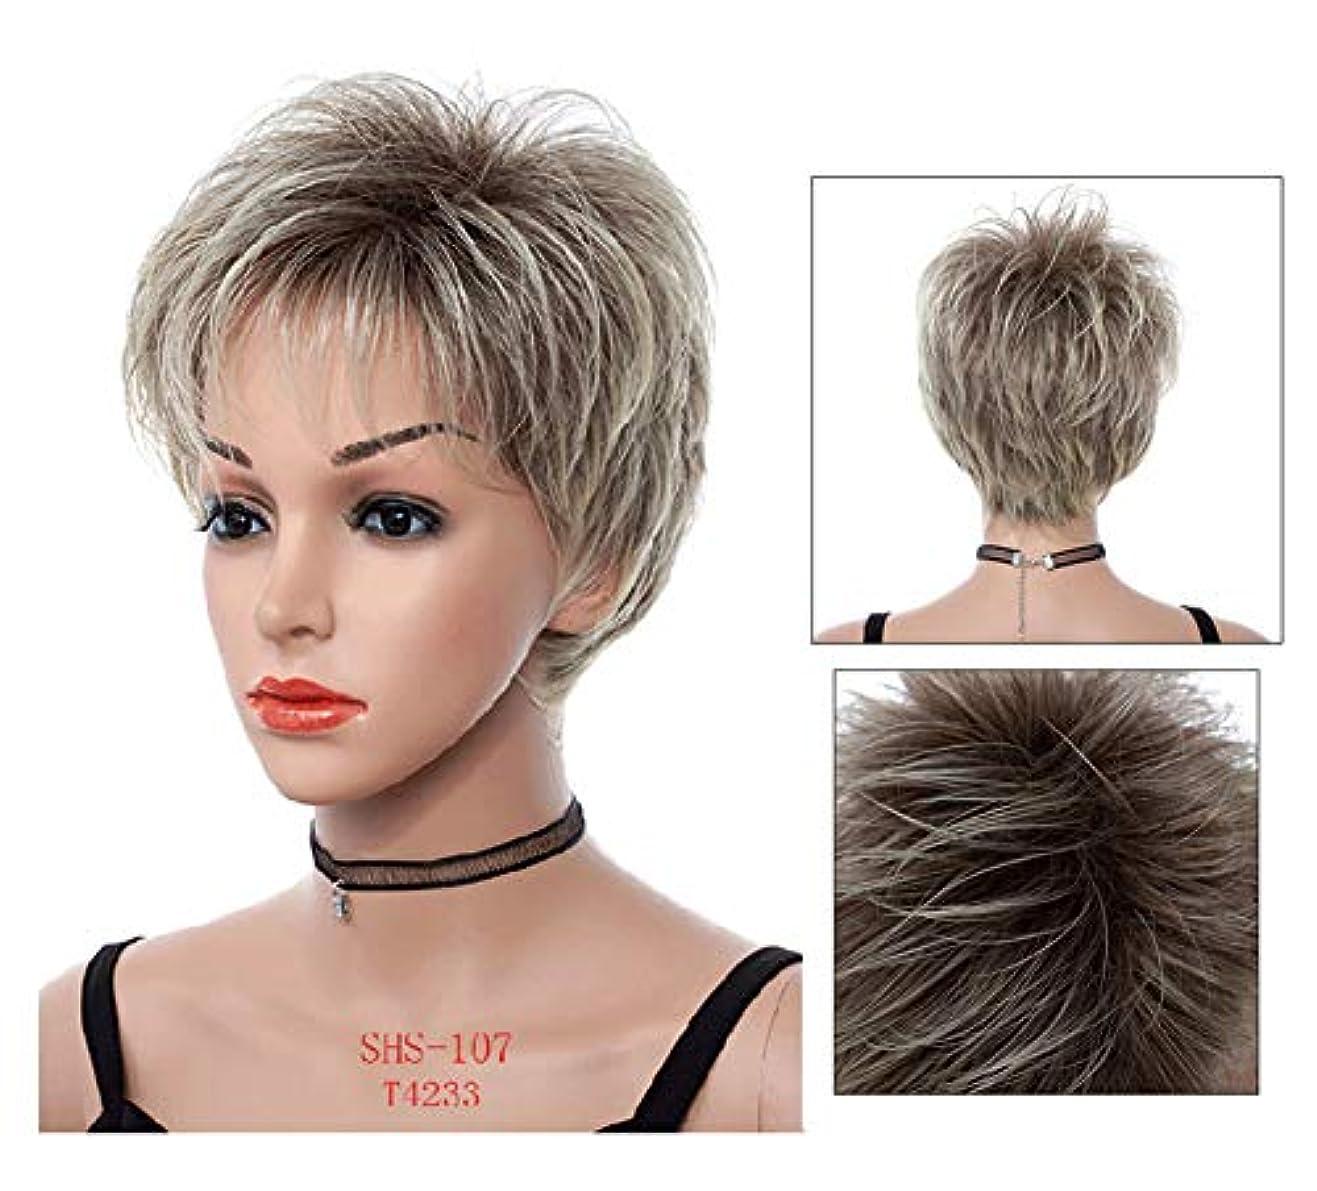 モックスクレーパー身元女性用フルウィッグ、デイリードレスコスプレパーティーヘアピース用8 ''ナチュラルショートヘア